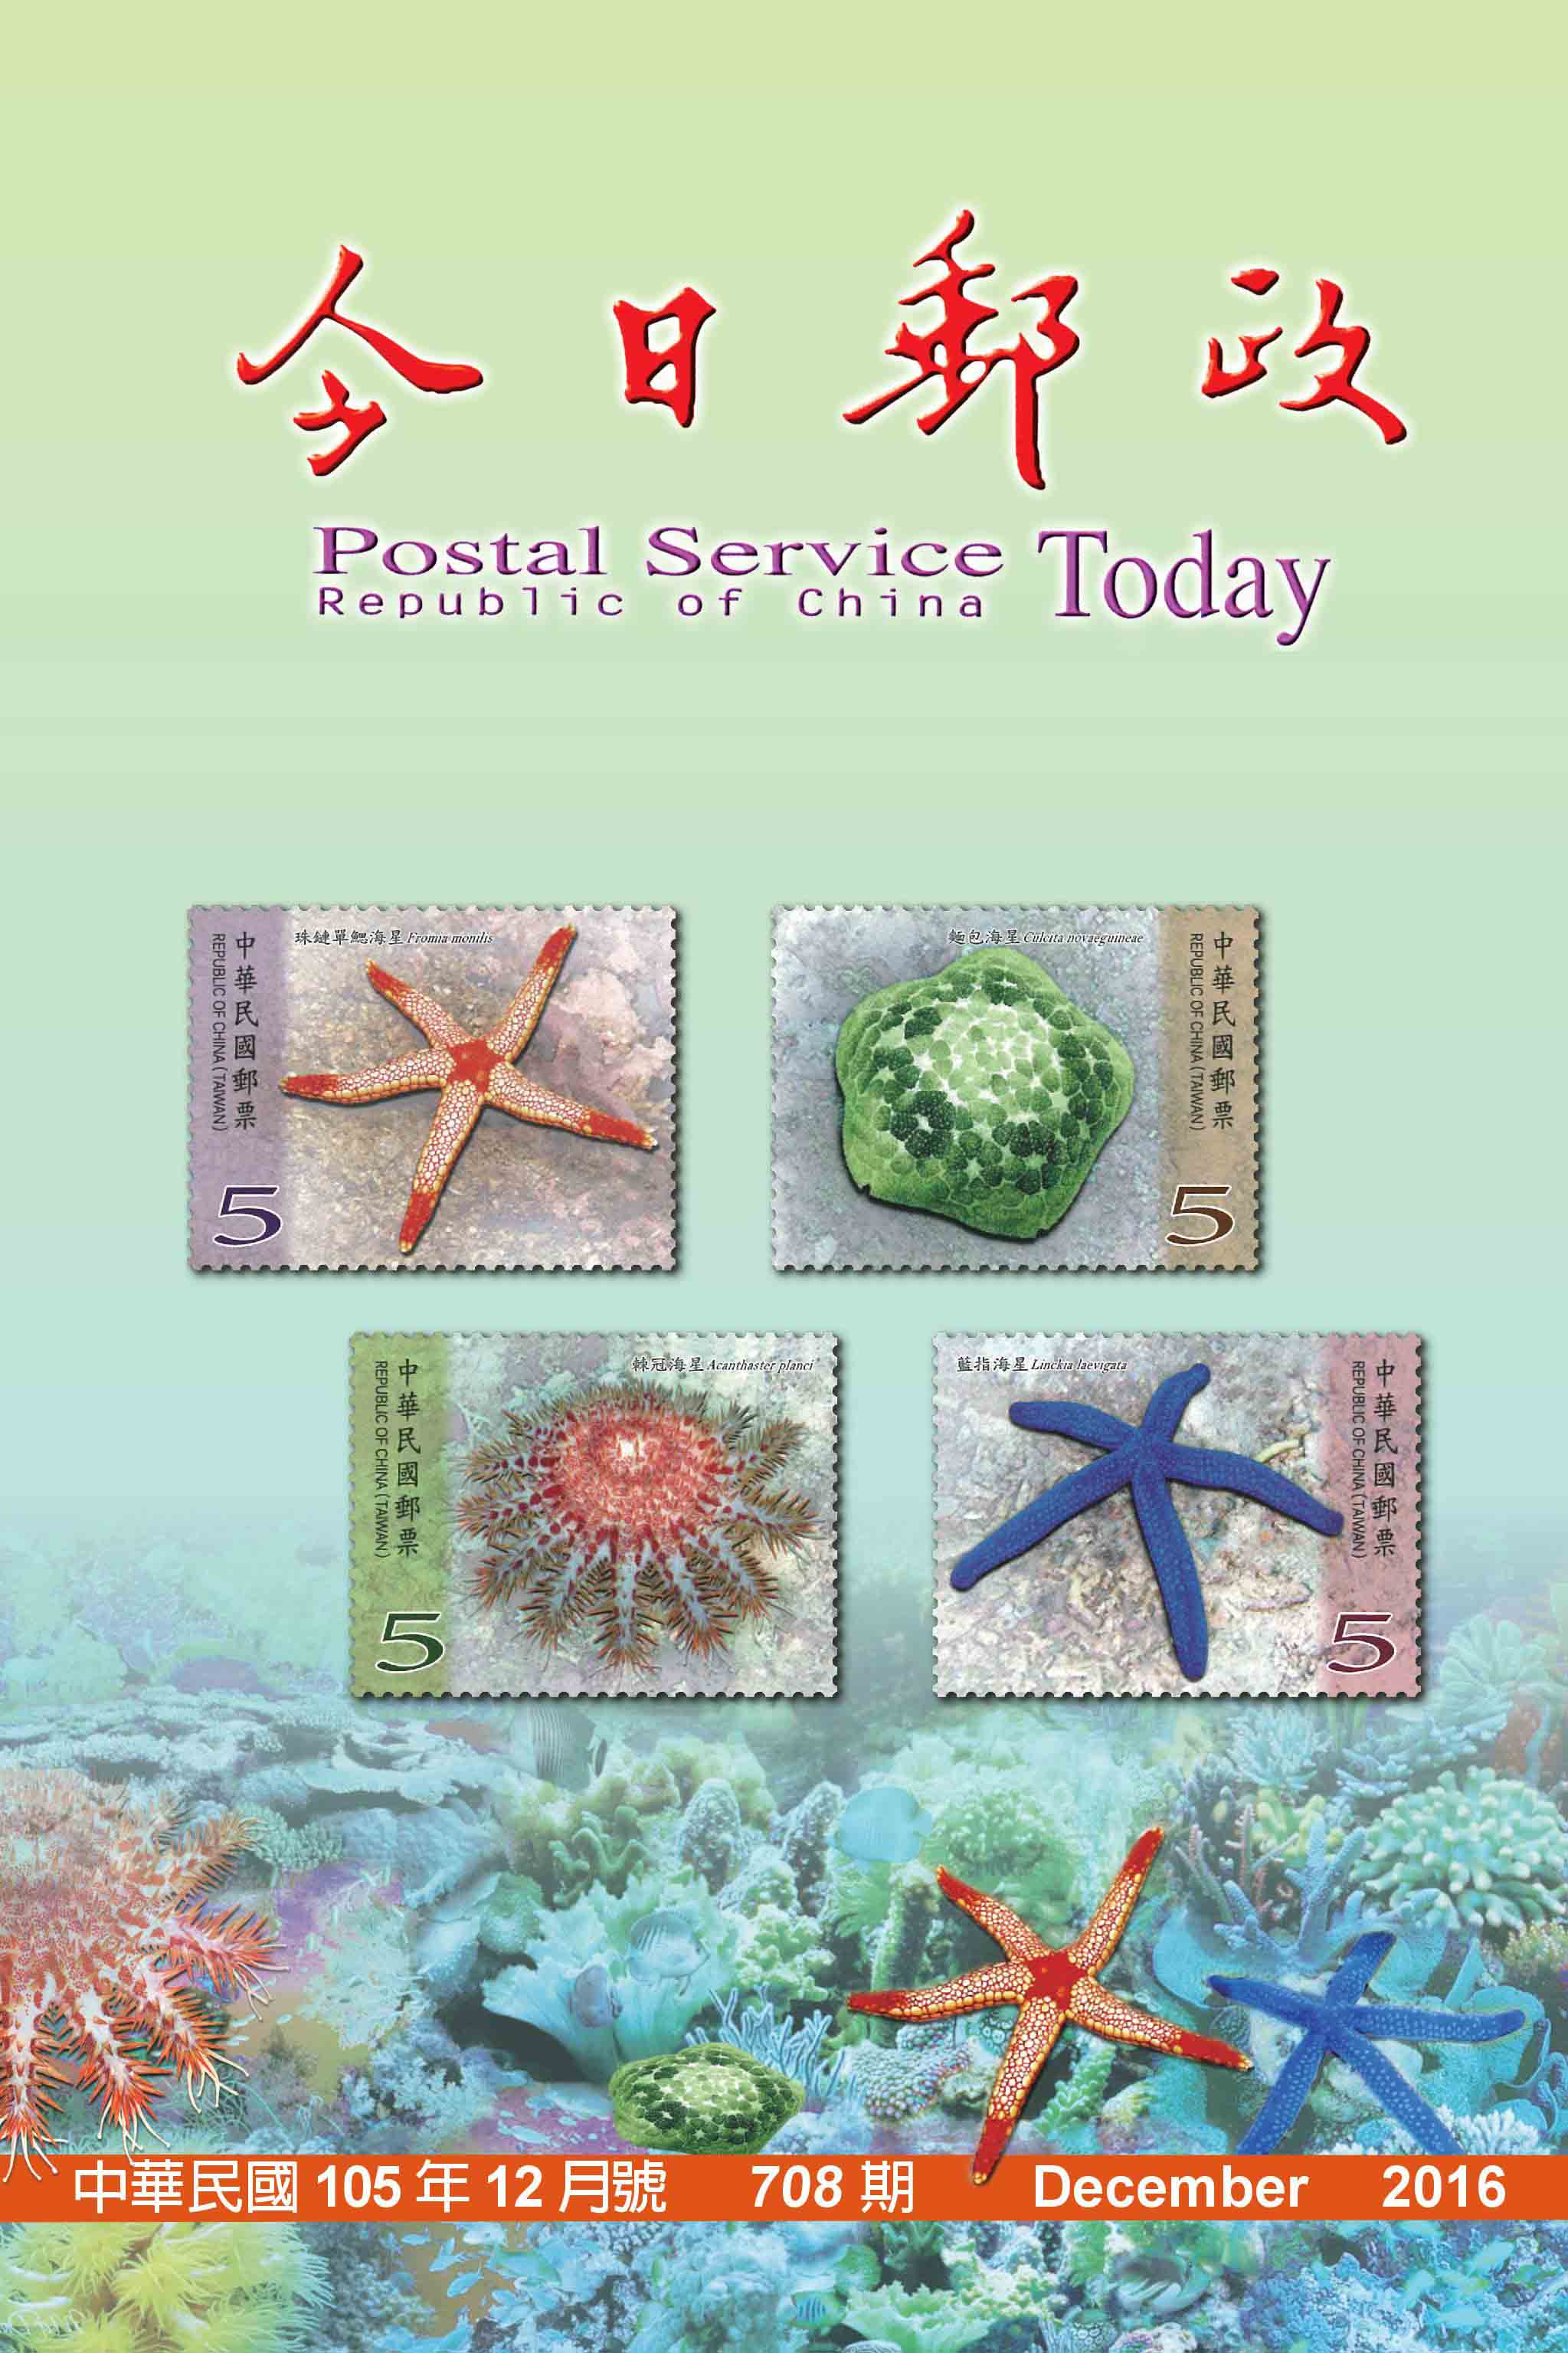 今日郵政第708期(10512)